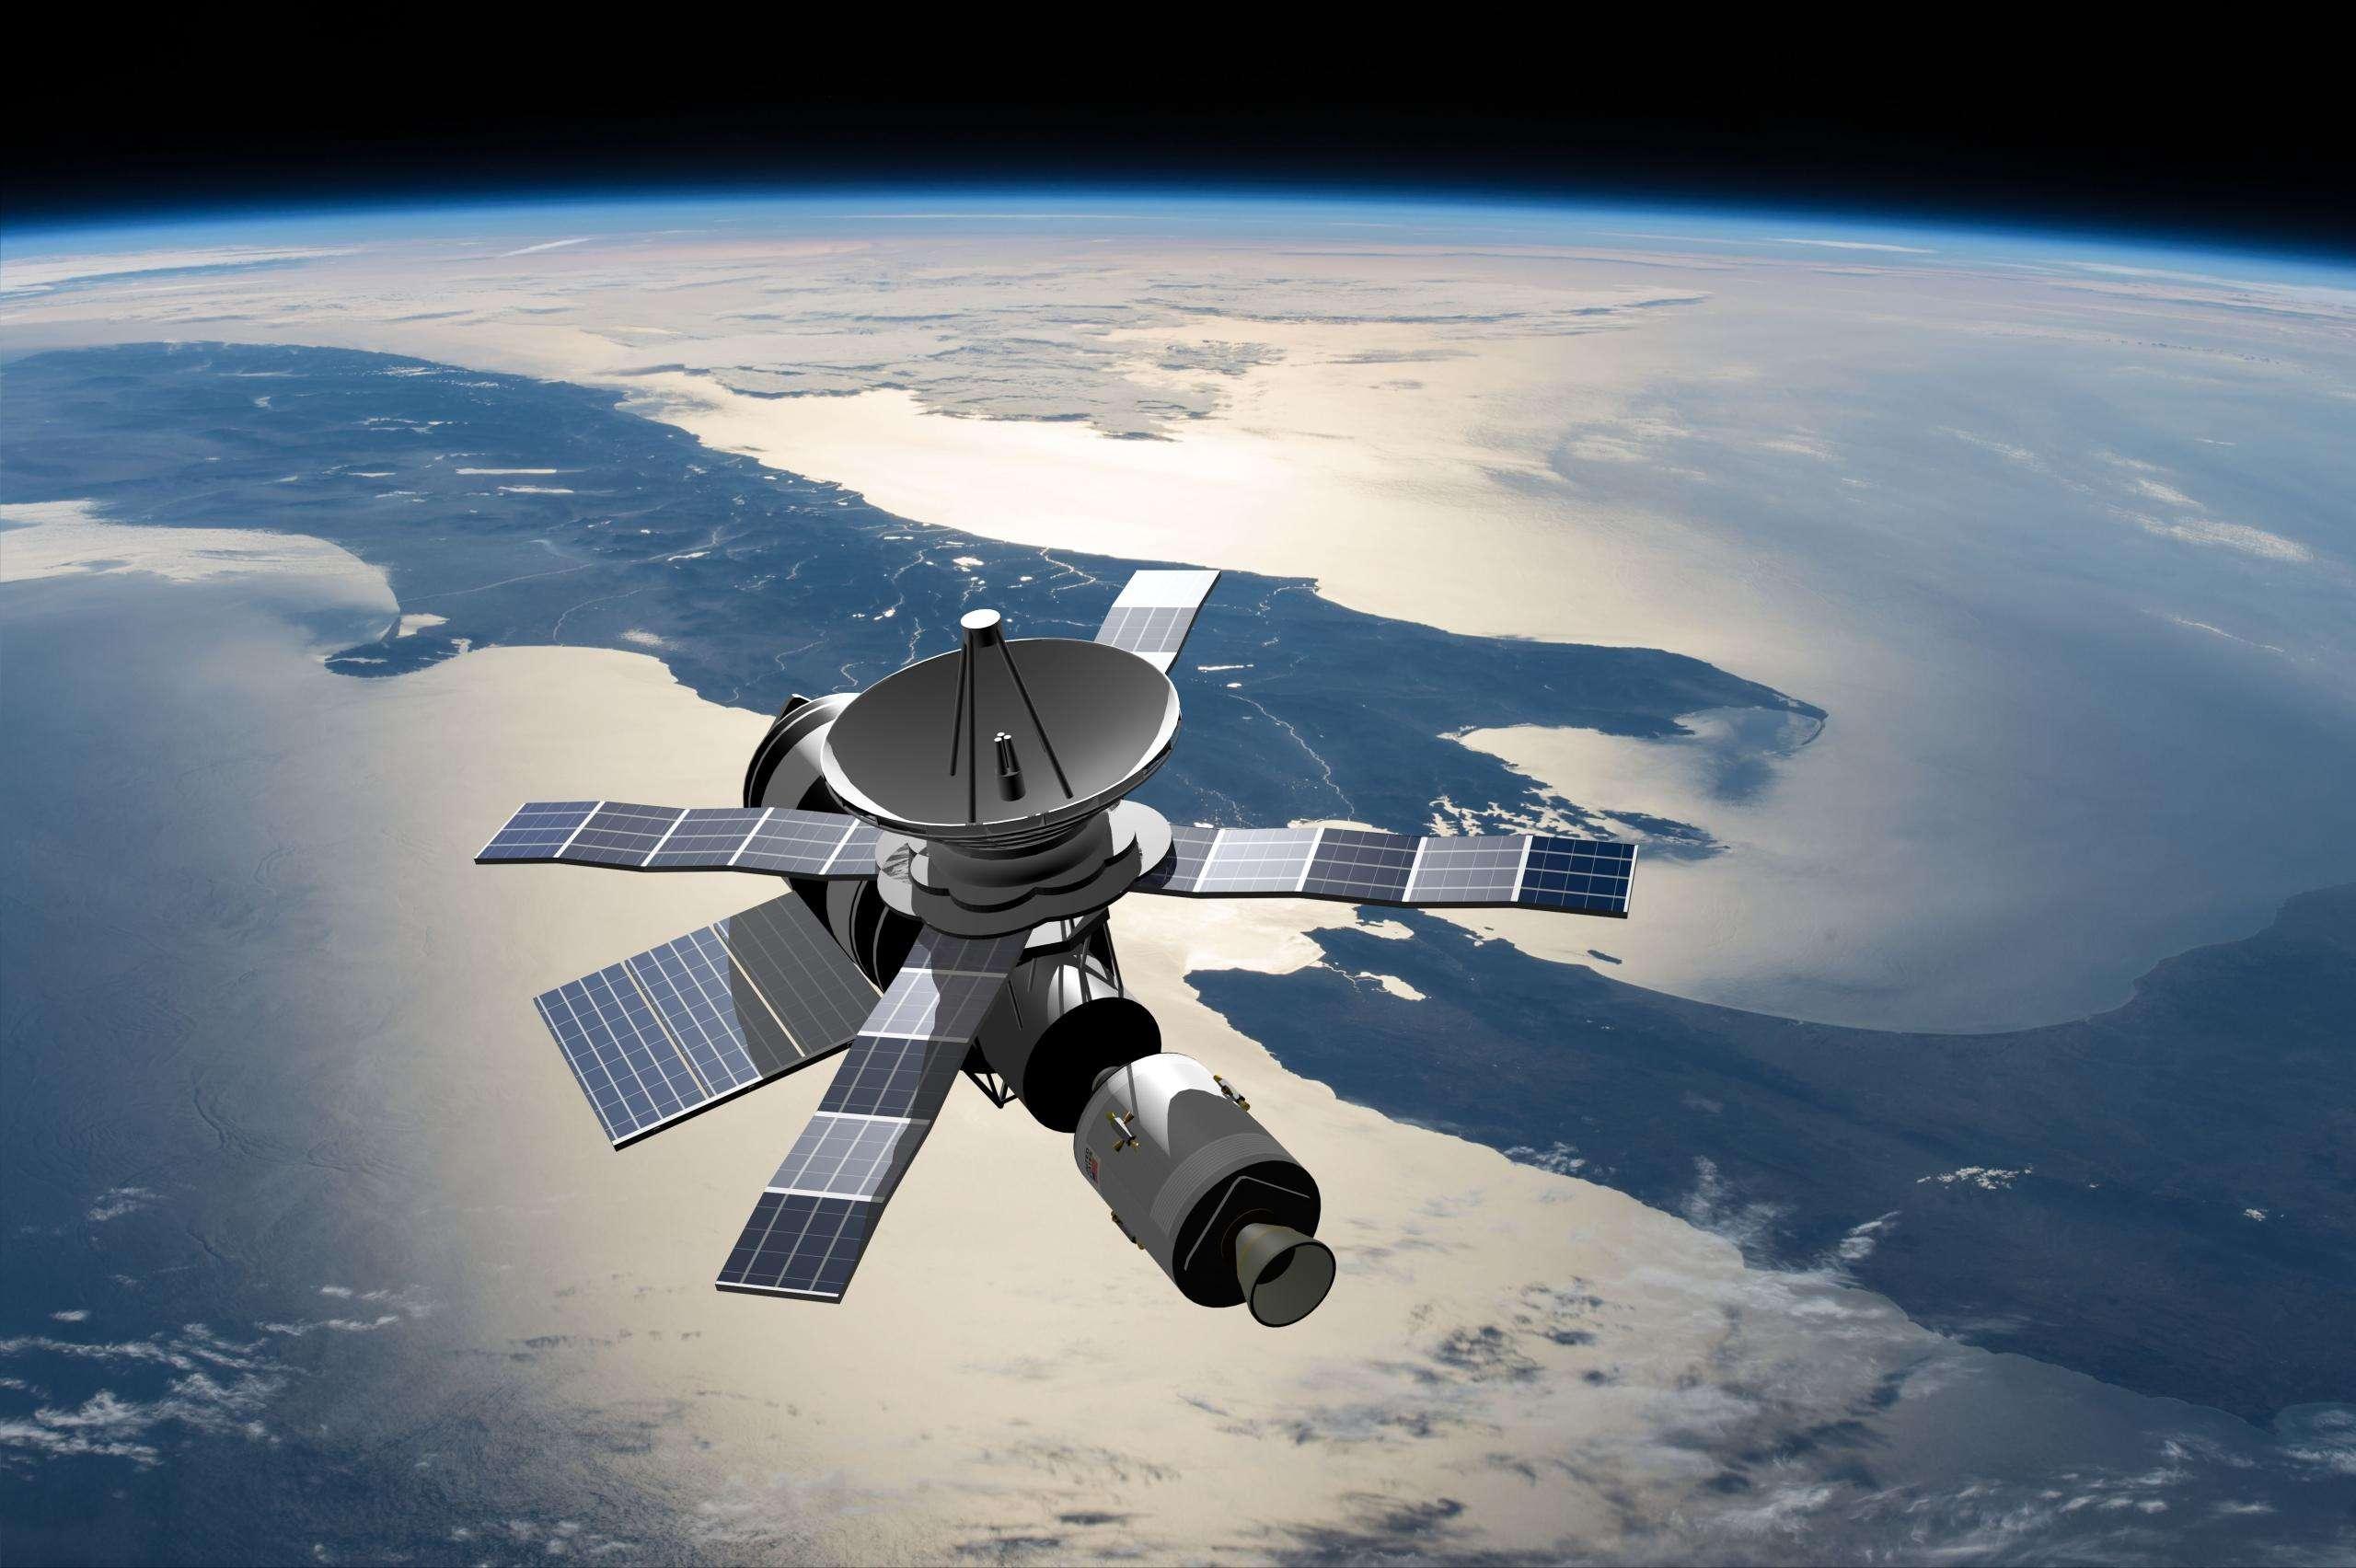 Những gì các doanh nghiệp nhỏ có thể học được từ việc khám phá không gian: Nguồn cảm hứng4